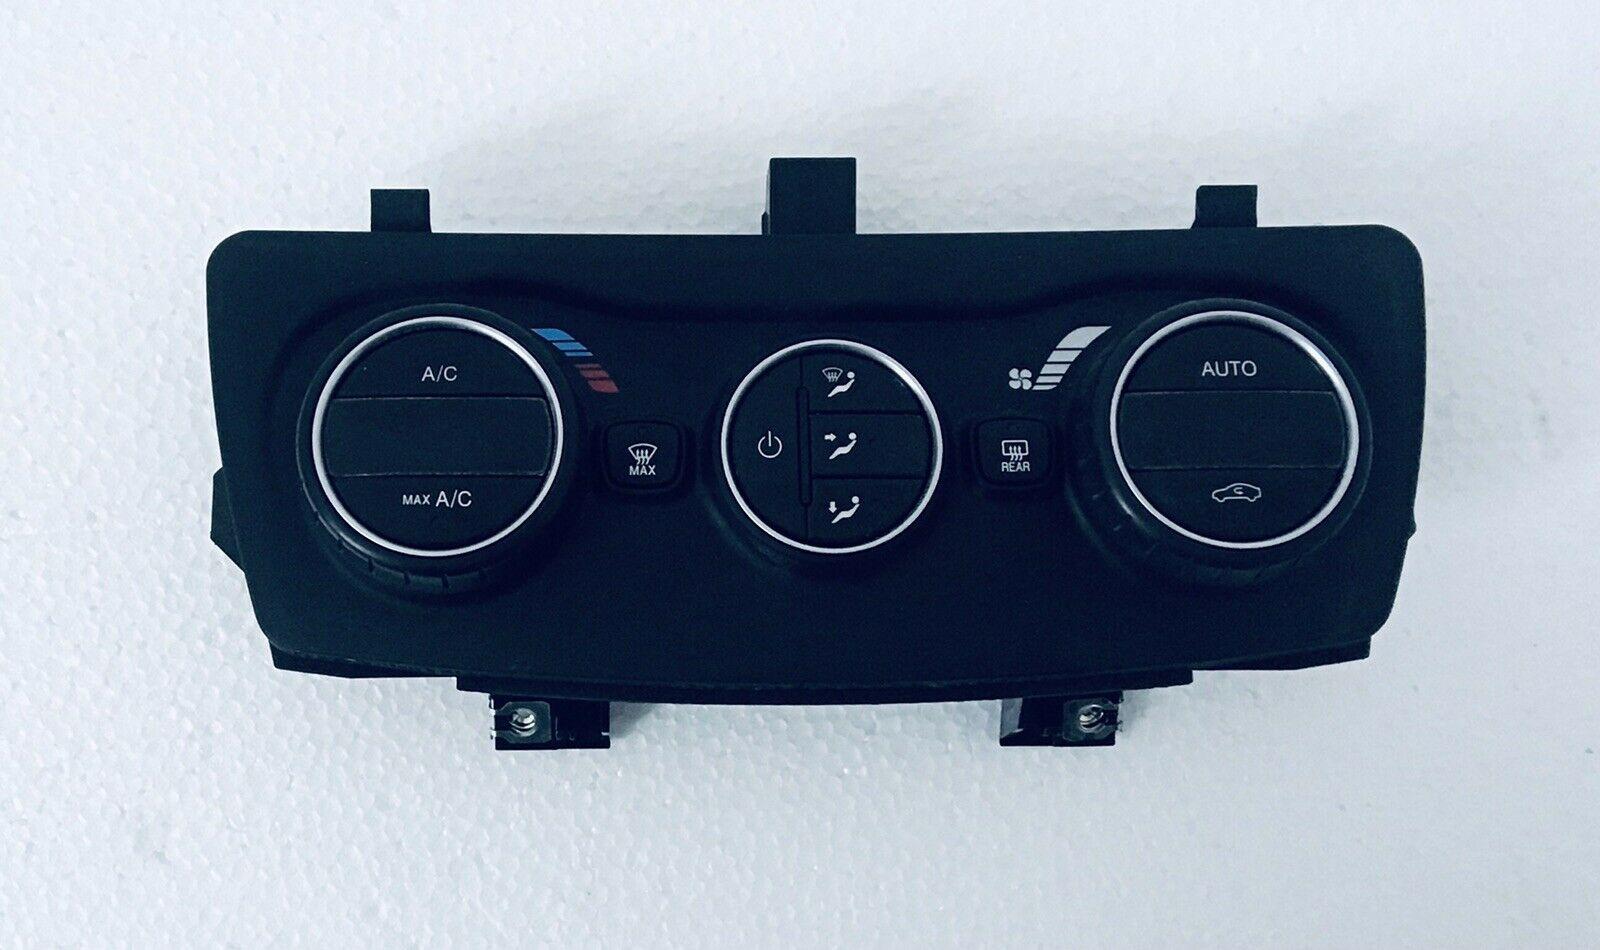 Centralina Clima Aria Condizionata A/C Fiat Tipo Codice 07356429880